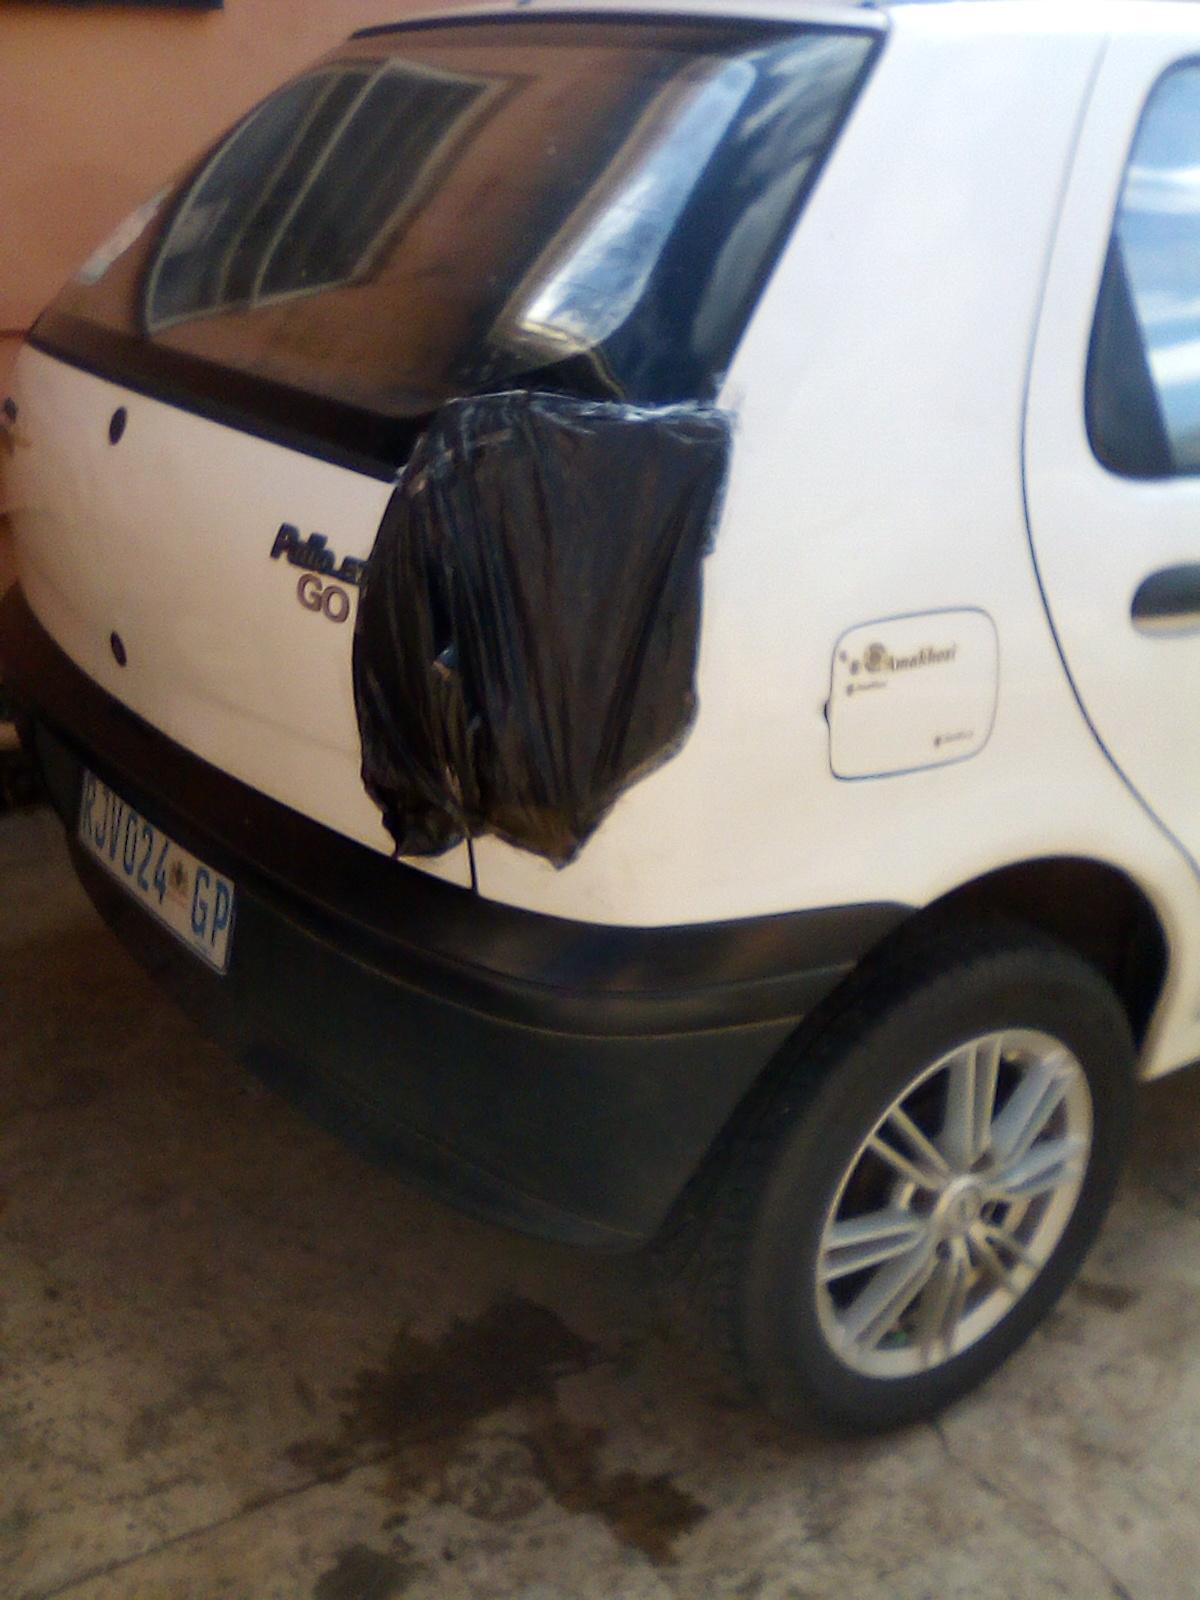 2002 Fiat Palio 1.2 EL 5 door